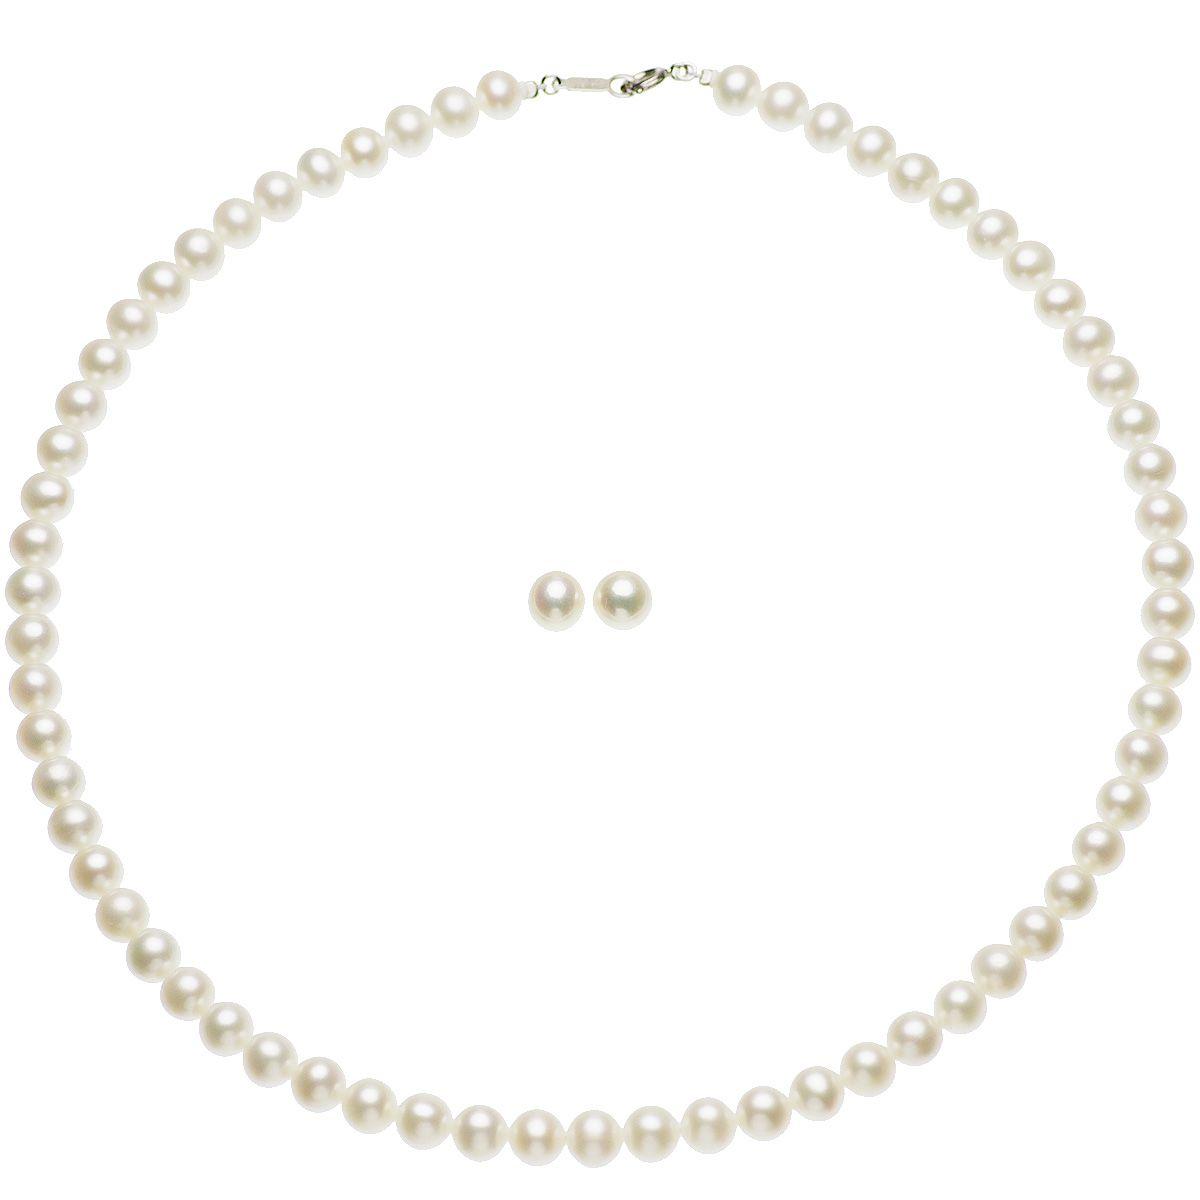 高級 淡水真珠 フォーマル セット 約6.5-7.0mmの写真